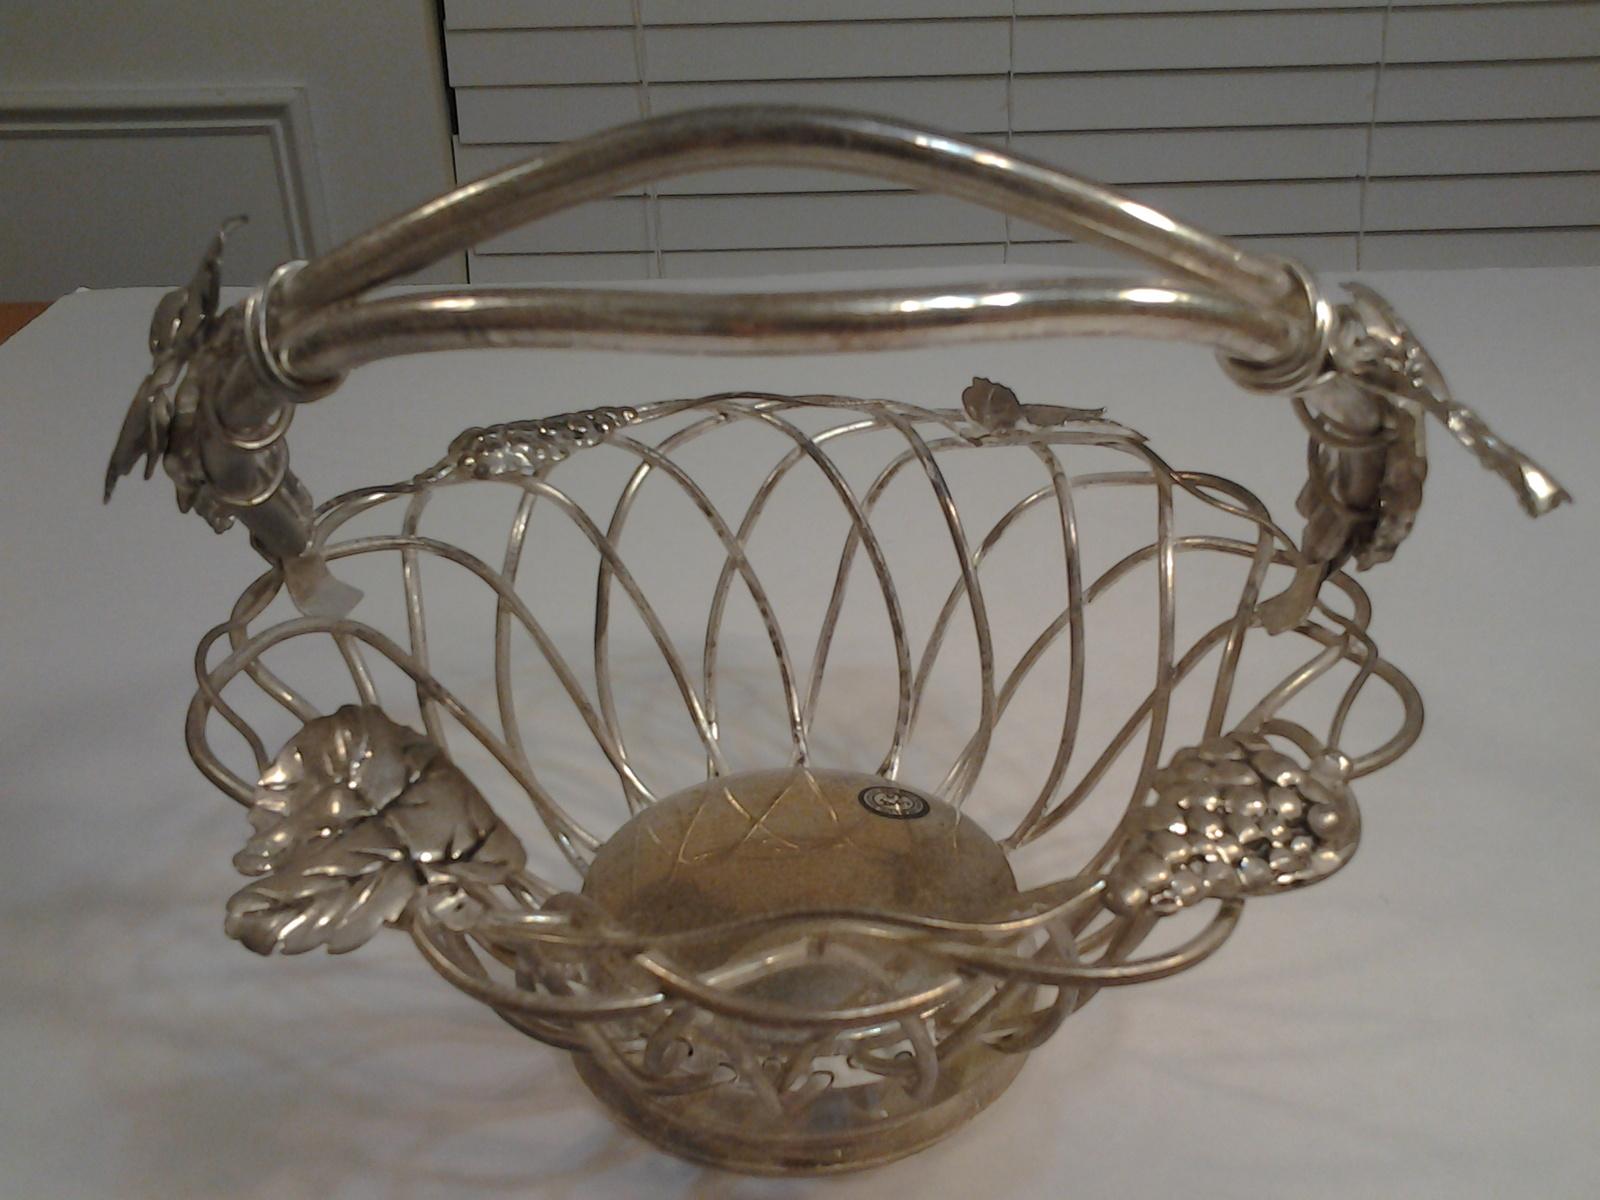 Godinger Silver Art Co Basket : Godinger silver art grape fruit basket with and similar